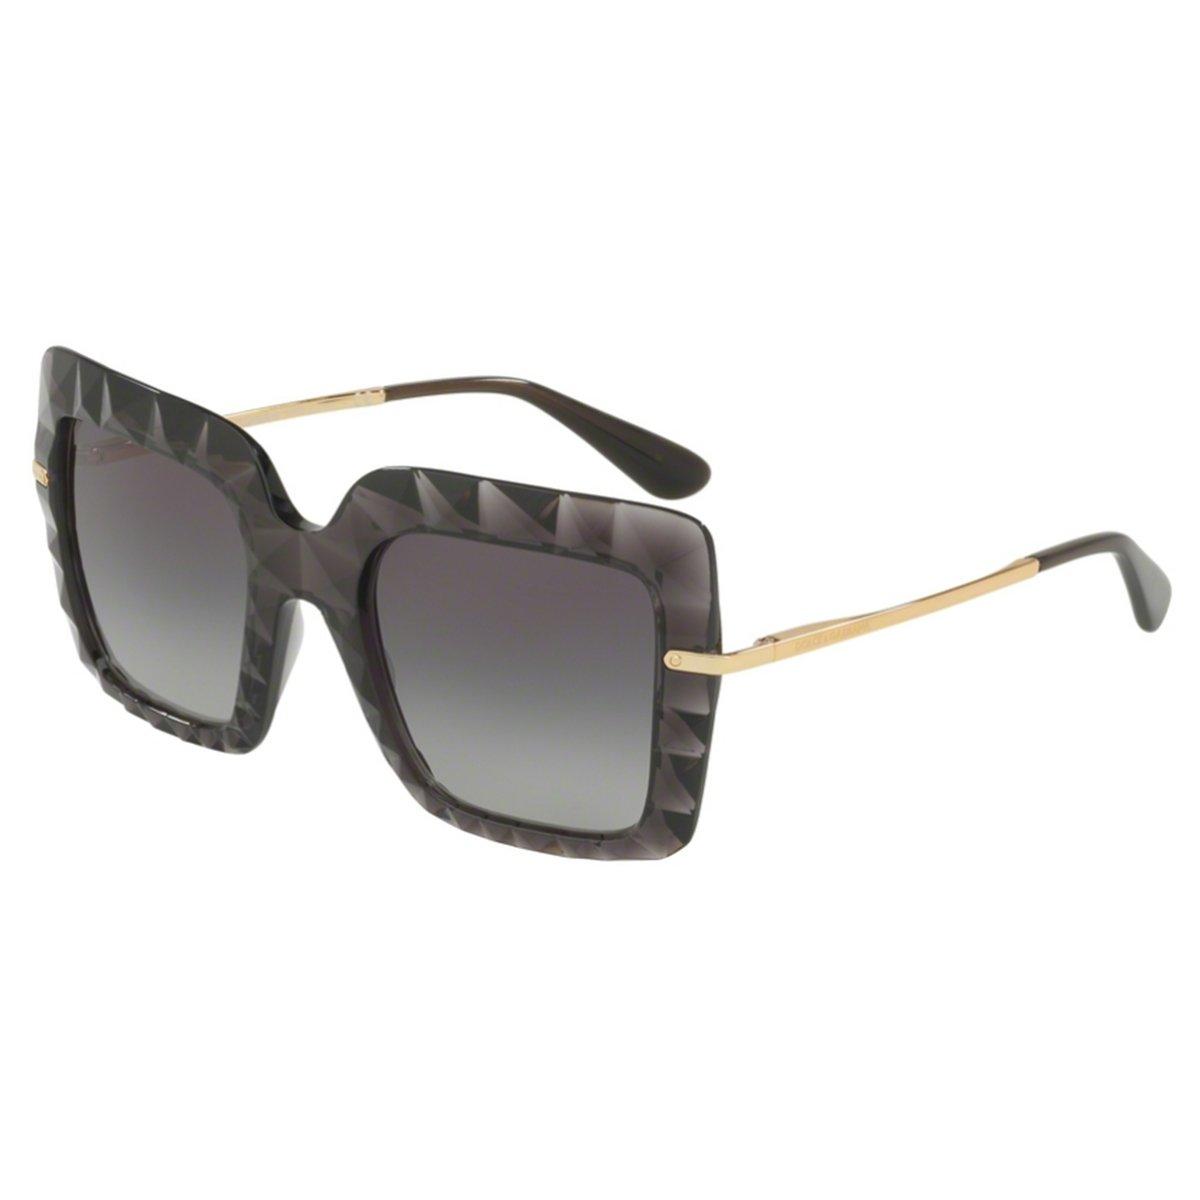 Compre Óculos de Sol Dolce   Gabbana em 10X   Tri-Jóia Shop 1cb8d8e18c